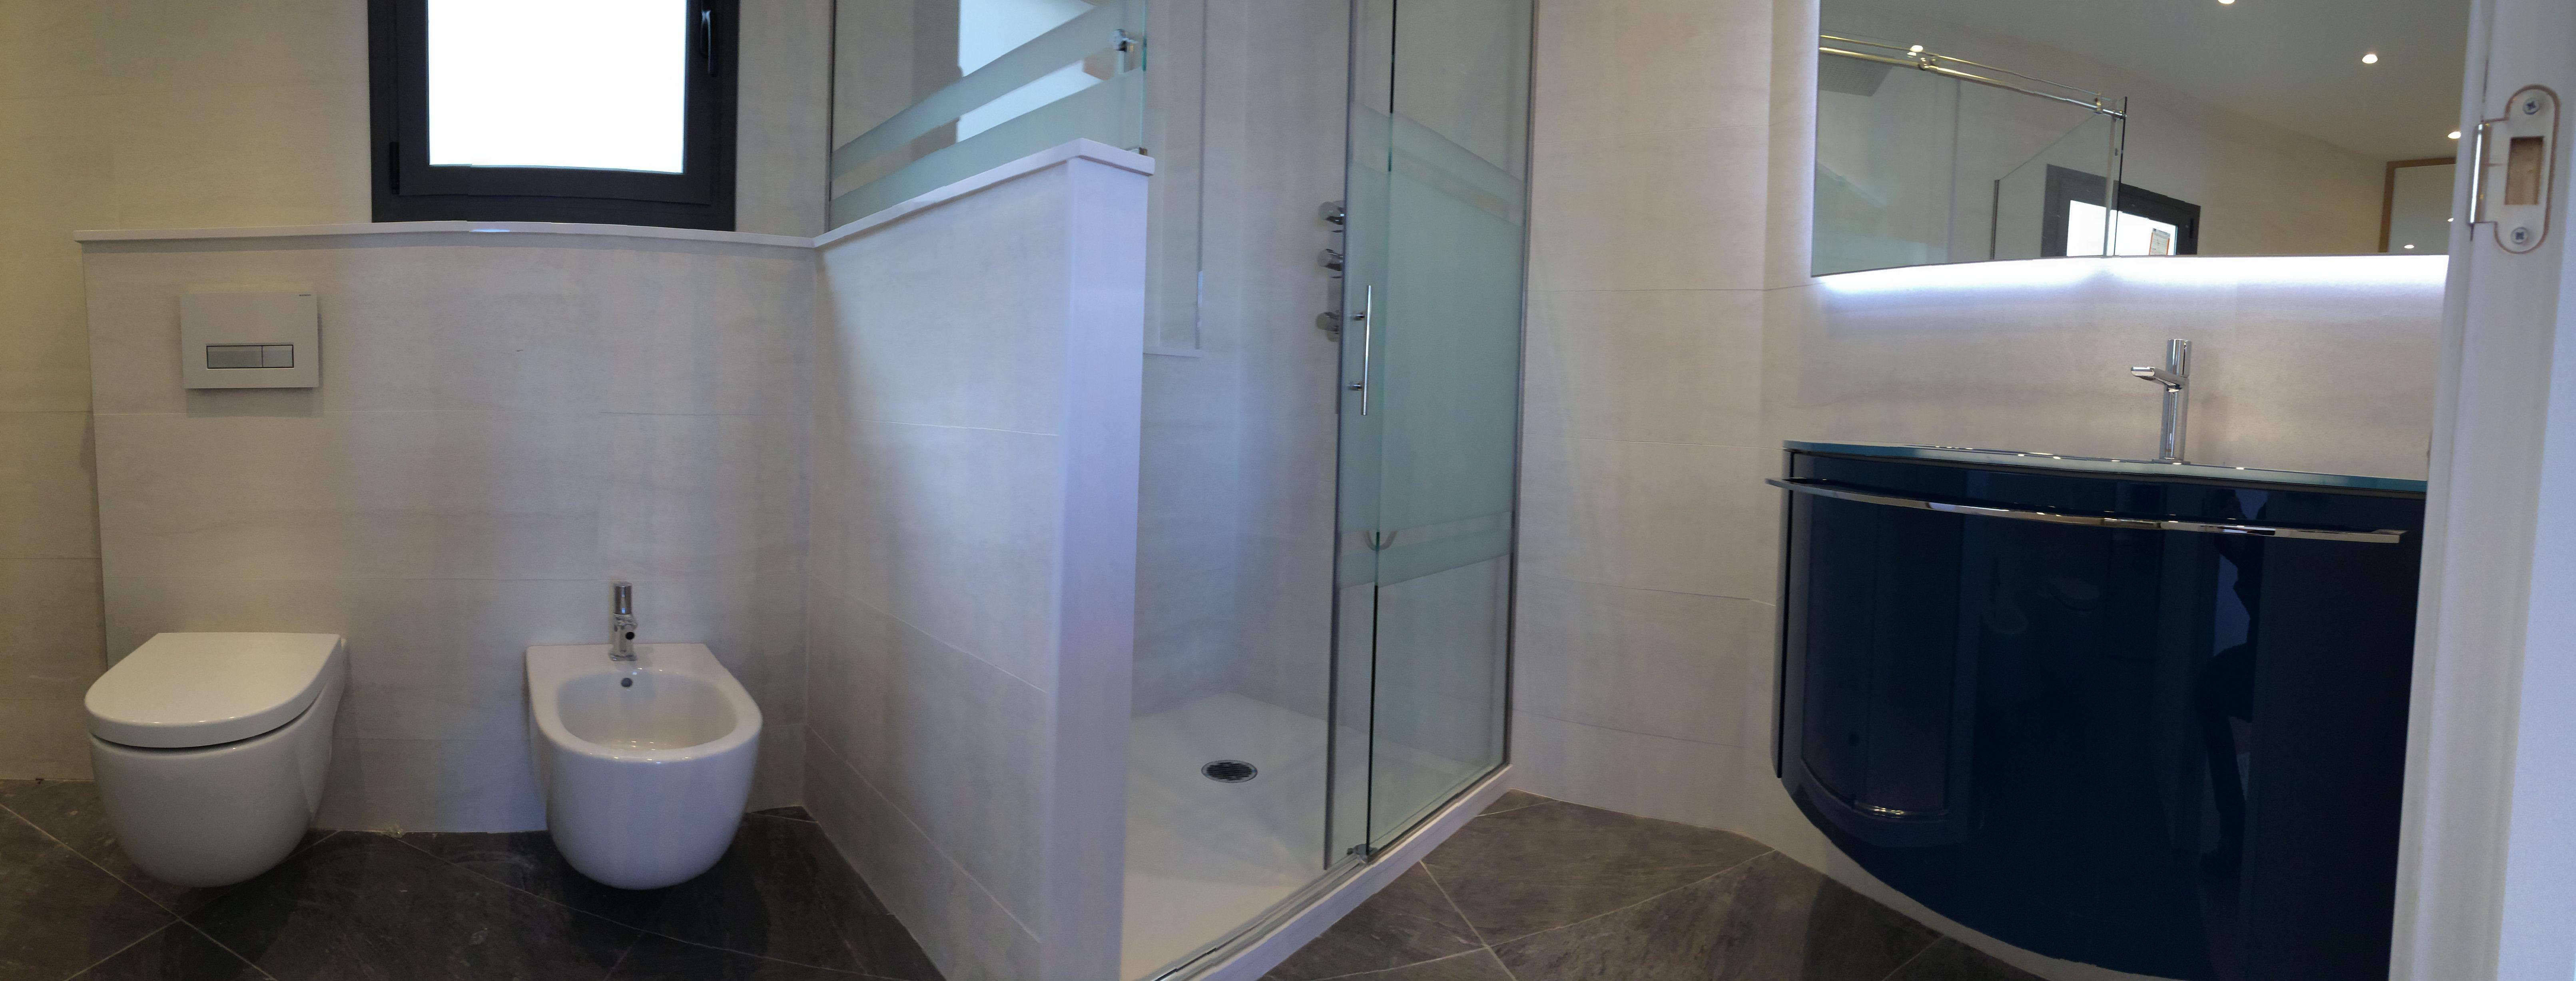 Reforma integral de de alta calidad de un piso \u002D Reforma integral baño